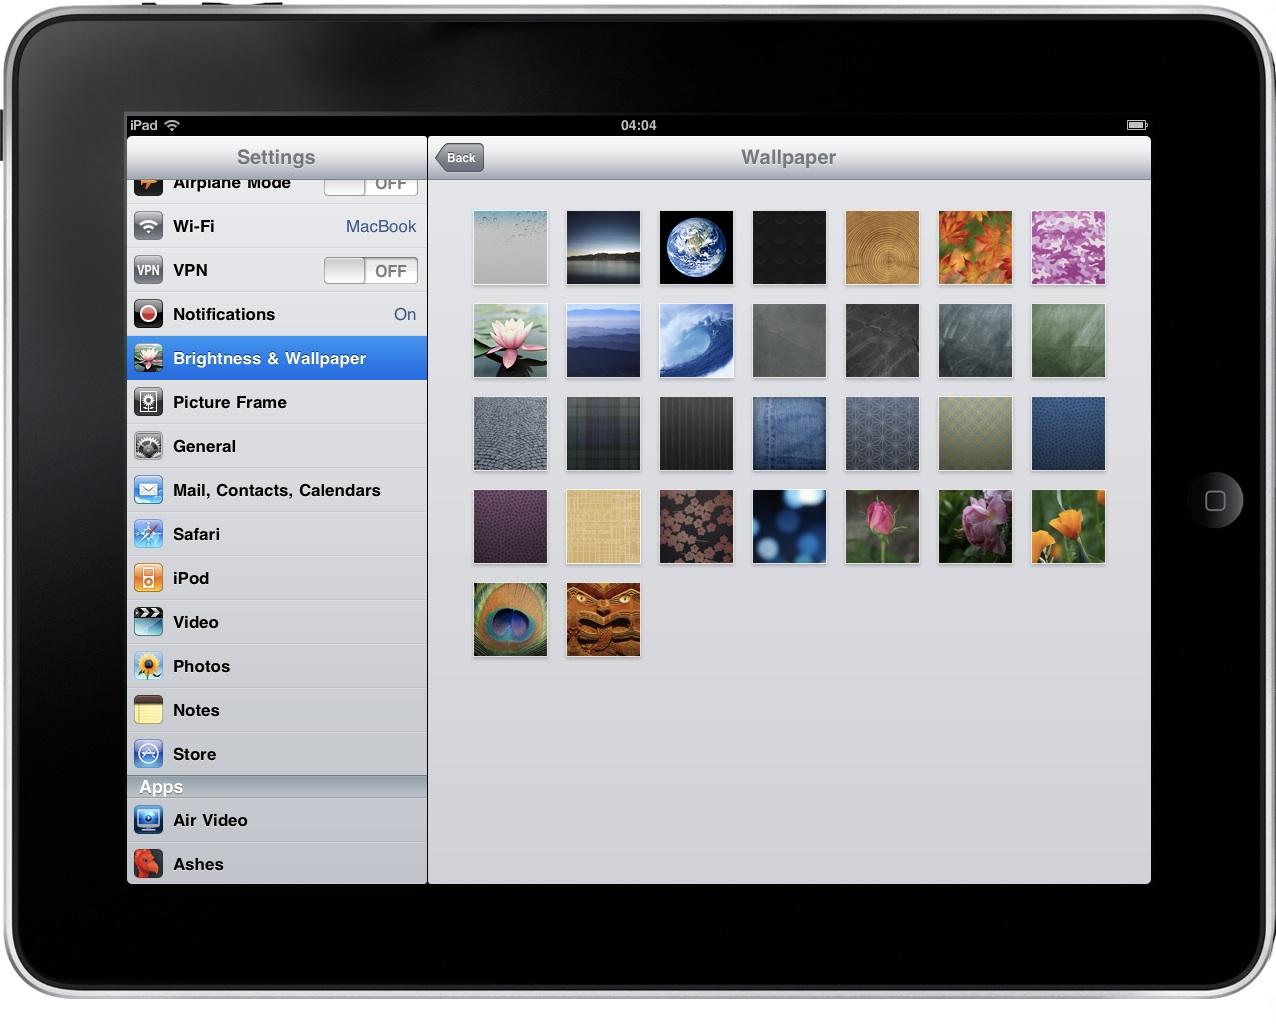 Ipad Retina Wallpaper: Apple IPad 3rd Generation 32GB Tablet Retina Display Wi-Fi